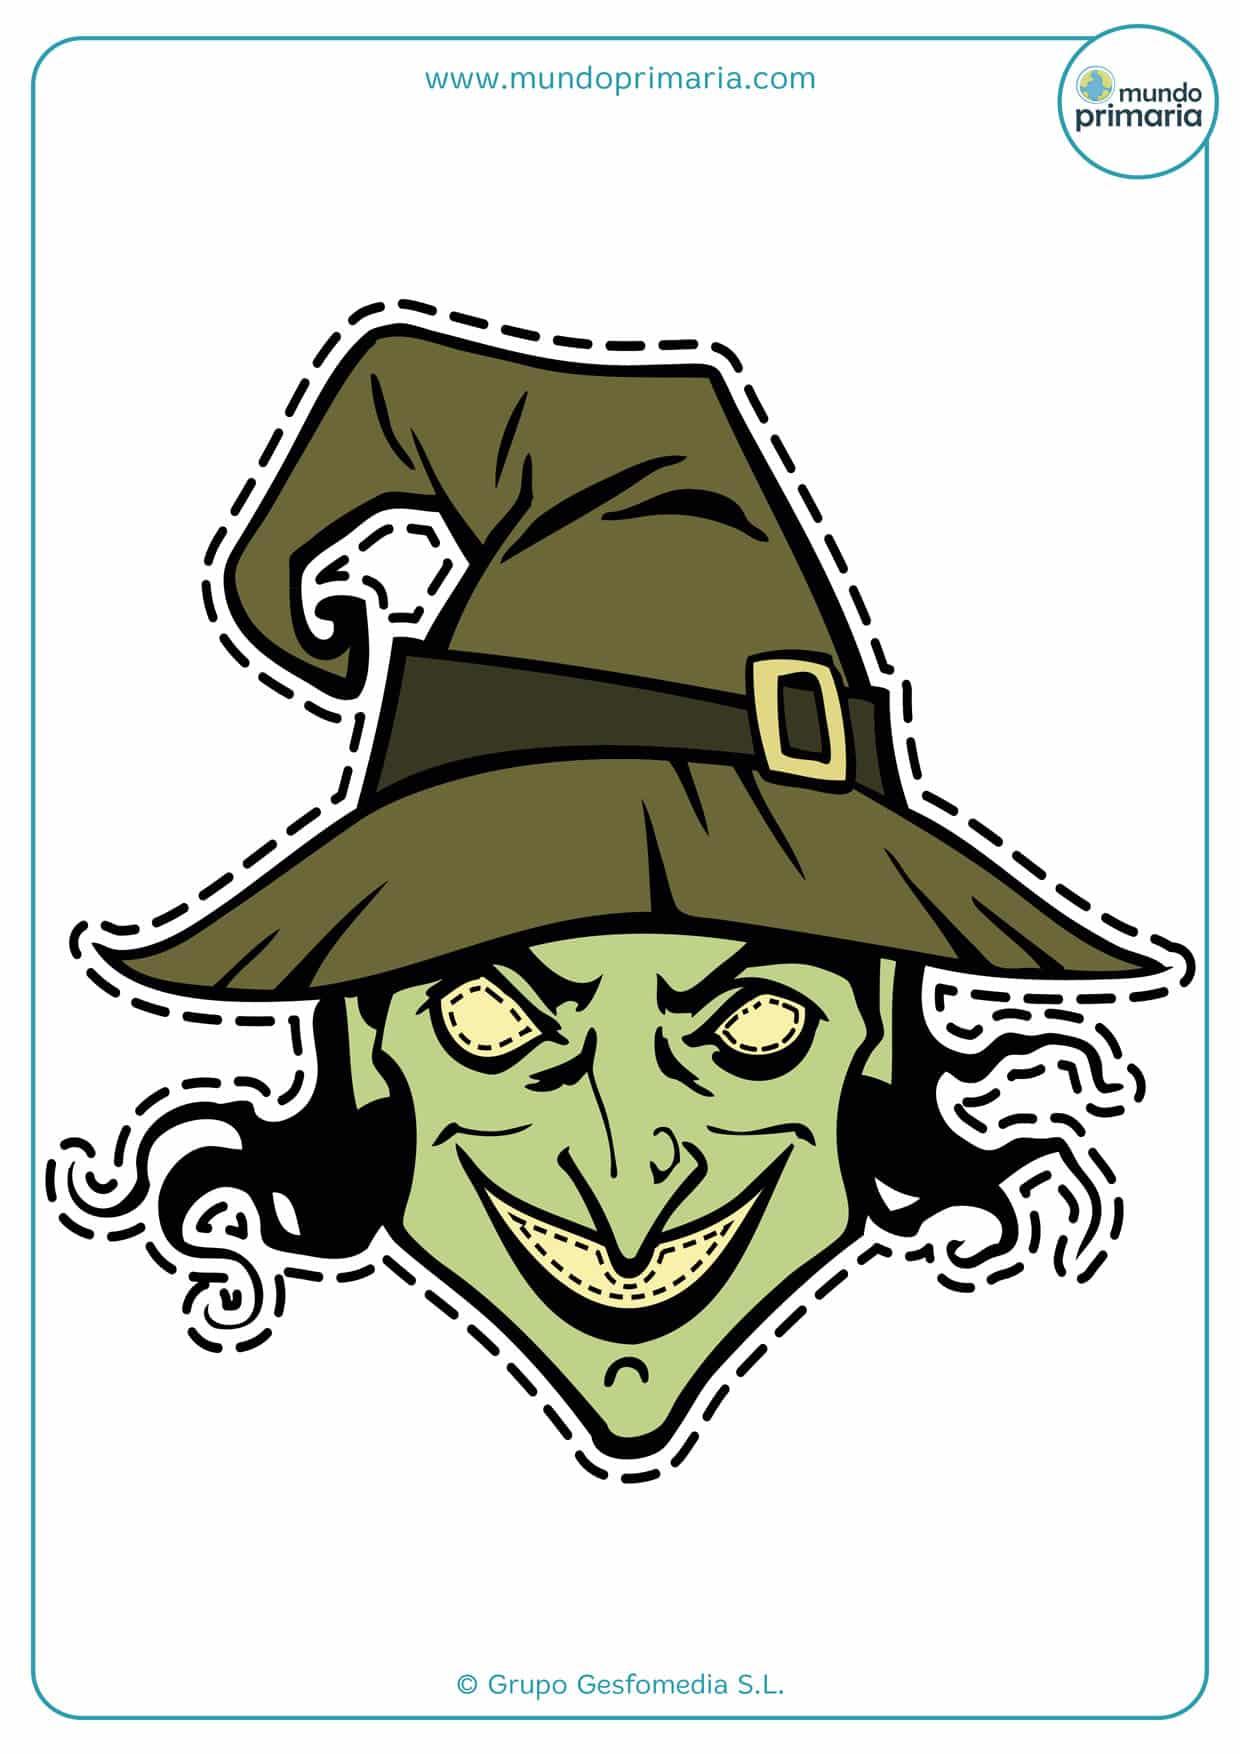 Imprime en casa la careta de la malvada bruja de Halloween para asustar a todos.